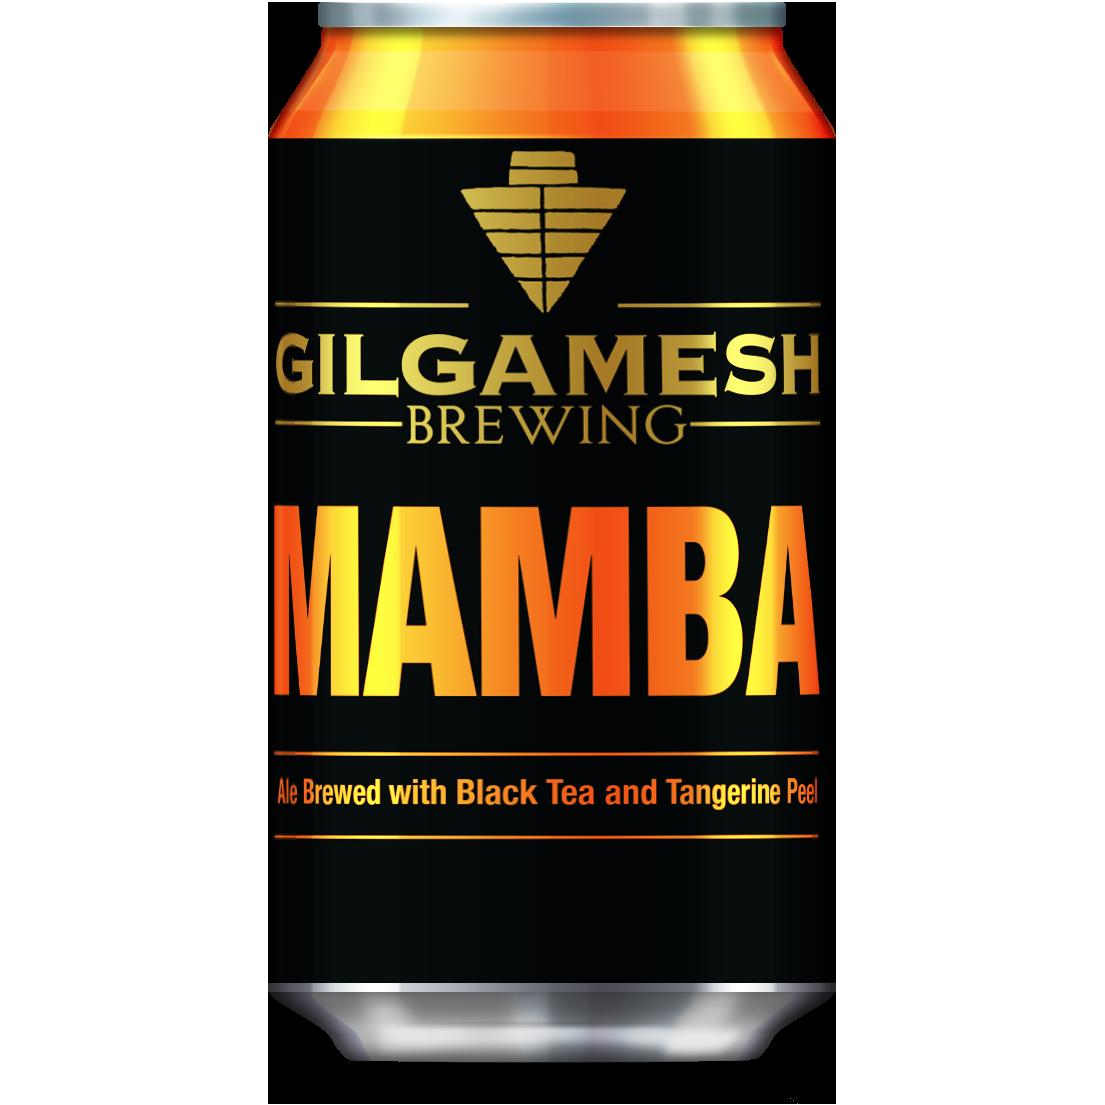 Gilgamesh, Mamba